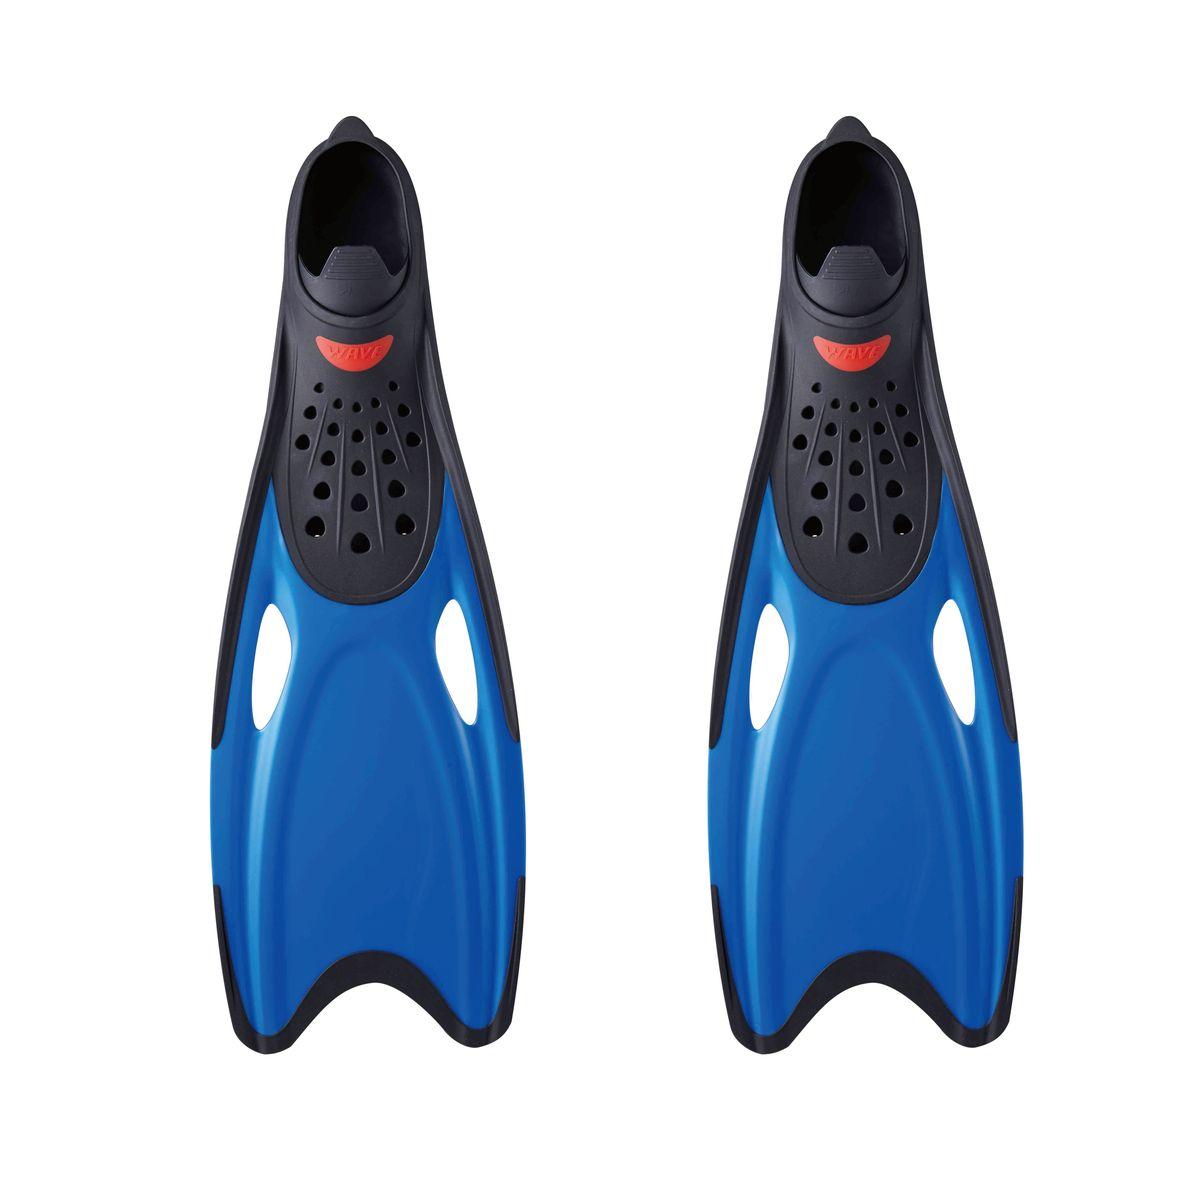 Ласты для плавания WAVE, цвет: синий. Размер 42-43. F-6871F-6871(42-43)Профессиональная линия ласт для плавания Ласты для плавания WAVE F-6871, цвет синий,размер 42-43 Ласты с закрытой пяткой: Для плавания и тренировок Сверхлегкий вес увеличивает эффективность гребка Дренажные отверстия уменьшают сопротивление Улучшеная форма калоши обеспечивает комфорт для любой ноги Выполнены из высококачественного термопластичного эластомера (ТРЕ) Срок службы гораздо дольше чем у резины Размер:XL(42-43) Характеристики:Тип:ласты Материал: термопластичный эластомер Размер:38-39(М);40-41(L);42-43(XL) Возраст:взрослый Вид спорта:водные виды спорта, дайвинг Страна изготовитель:Китай Упаковка:пакет с ручками Артикул:F-6871 Размер, мм:560x190x75 мм Размер упаковки:70.6x31.5x9.5 см Вес в упаковке,гр:845 гр